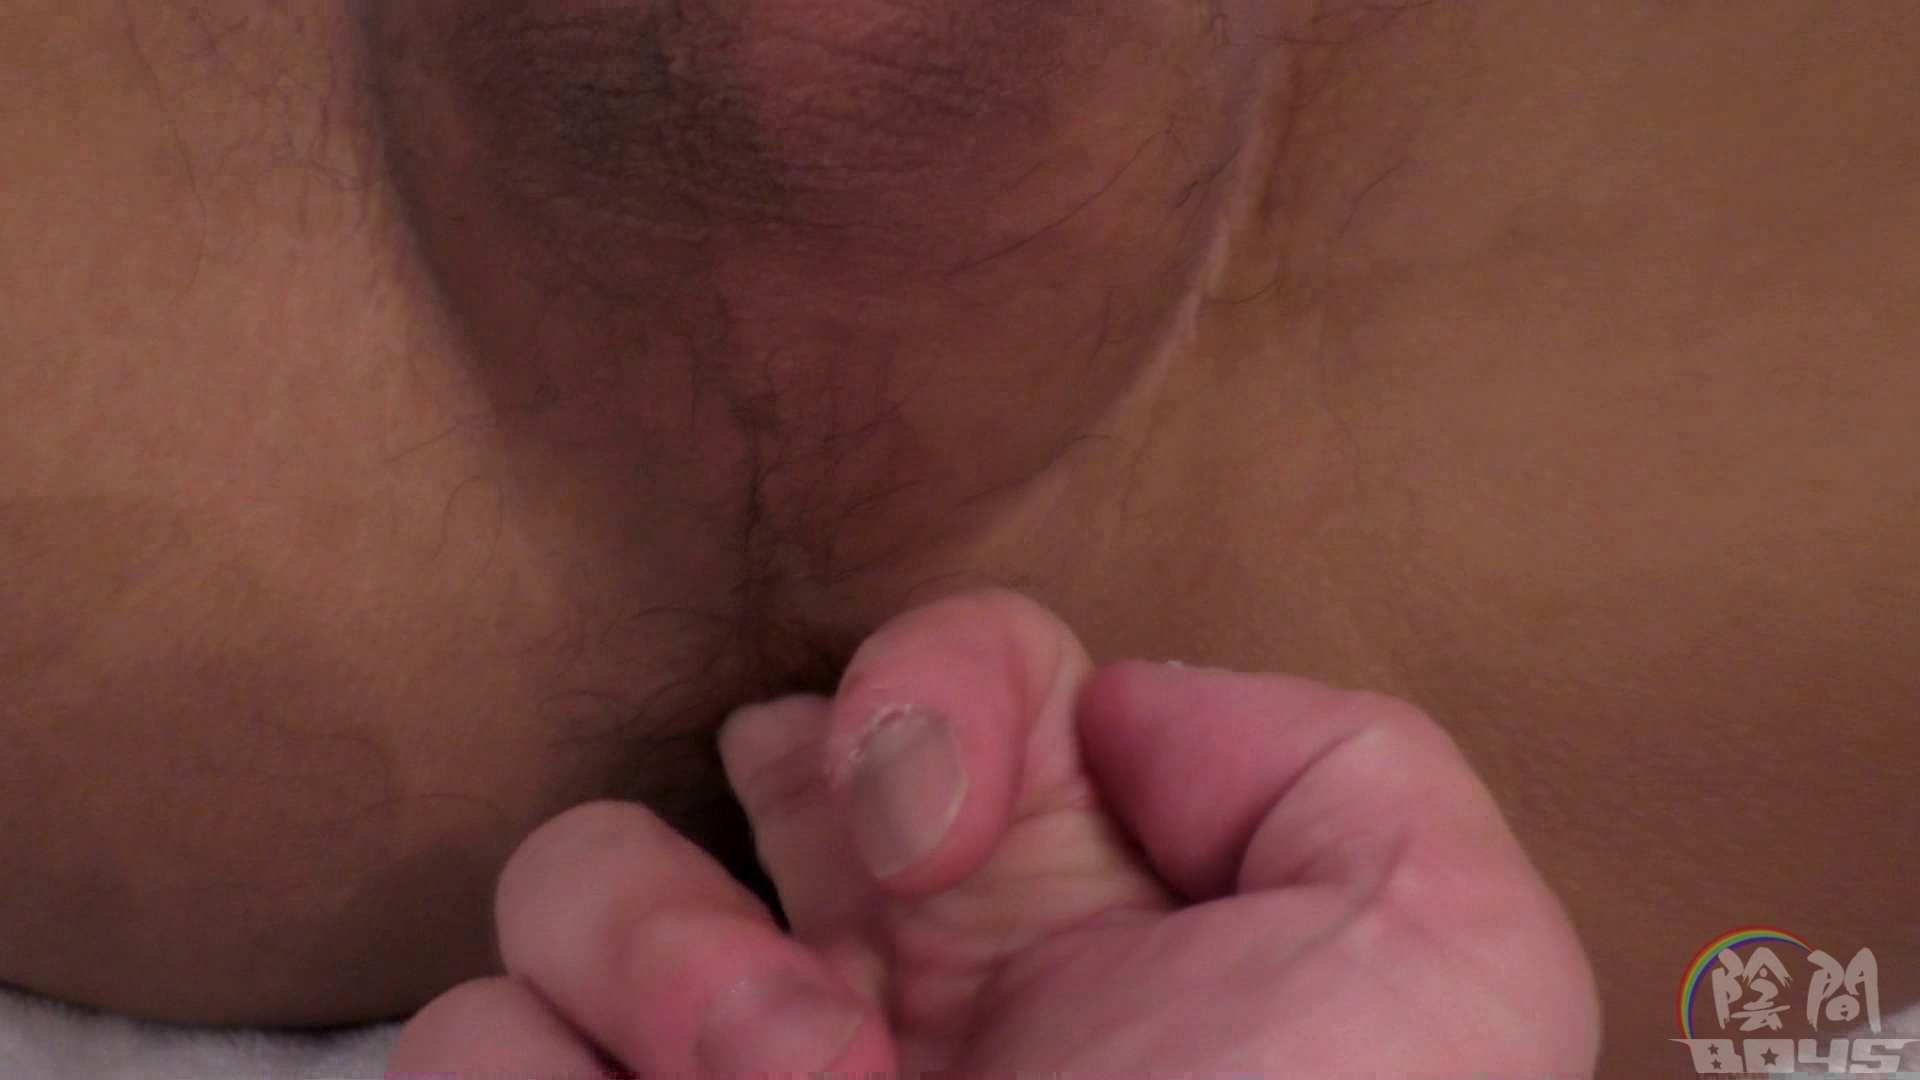 陰間BOYS~「アナルだけは許して…」~04 オナニー ゲイエロビデオ画像 97pic 35